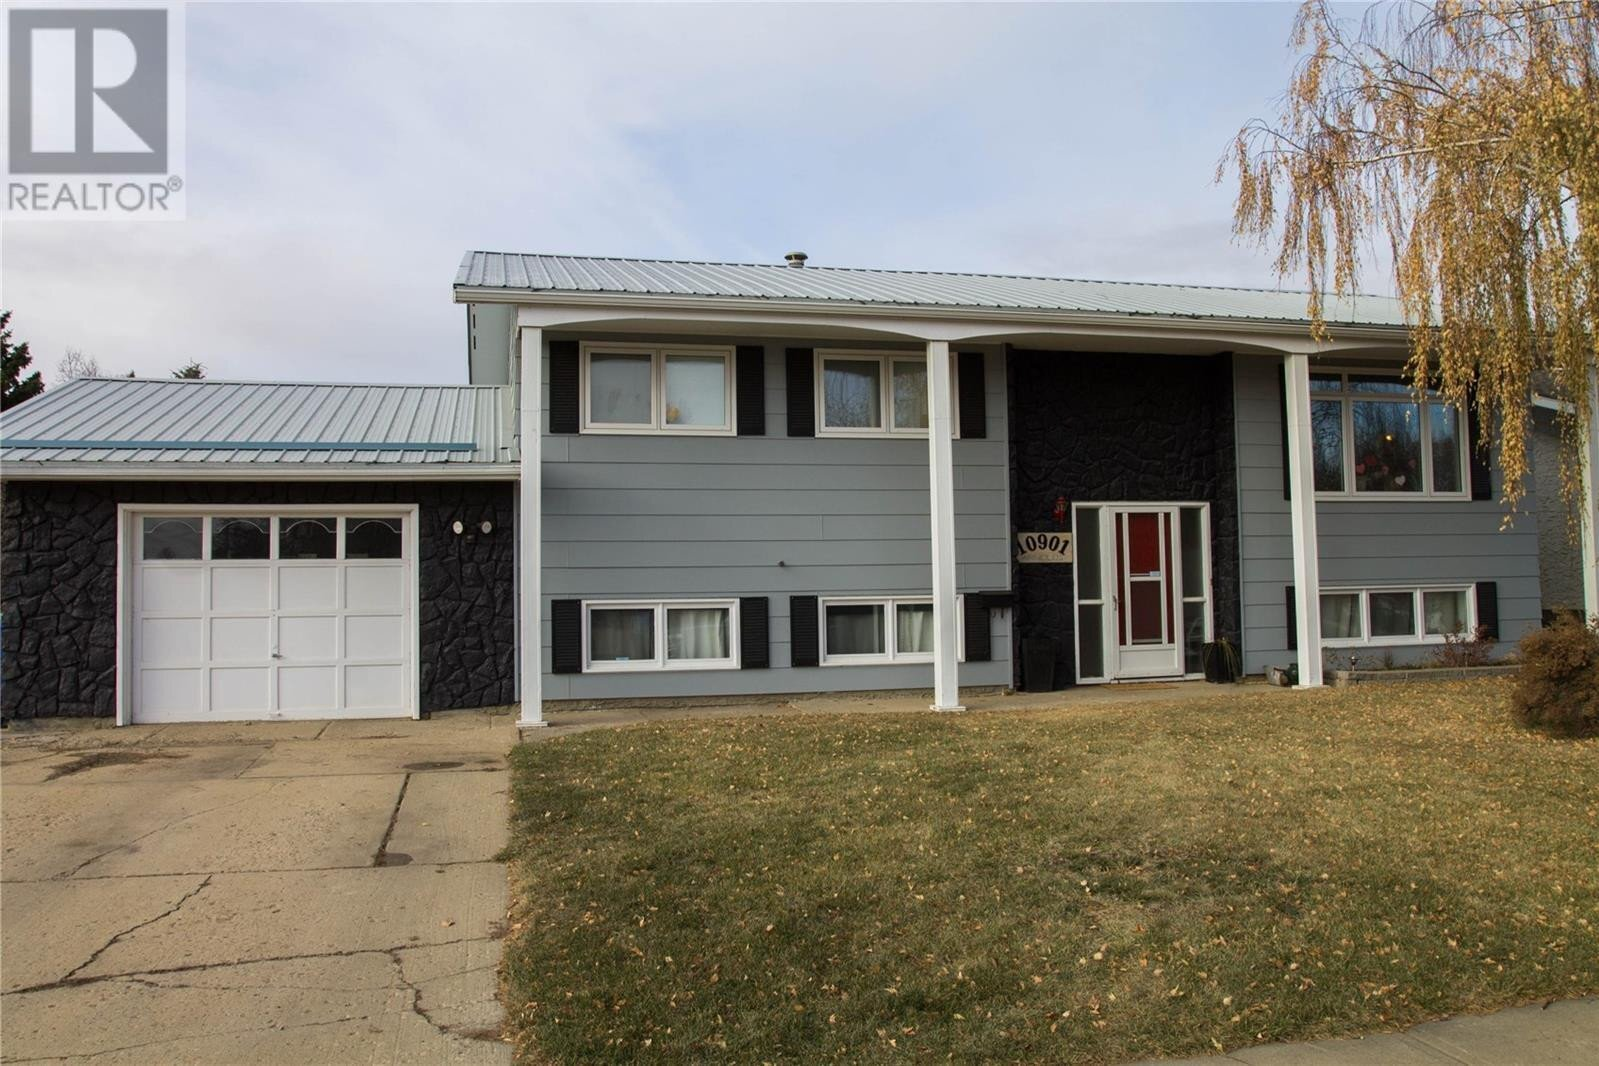 House for sale at 10901 Scott Dr North Battleford Saskatchewan - MLS: SK831935